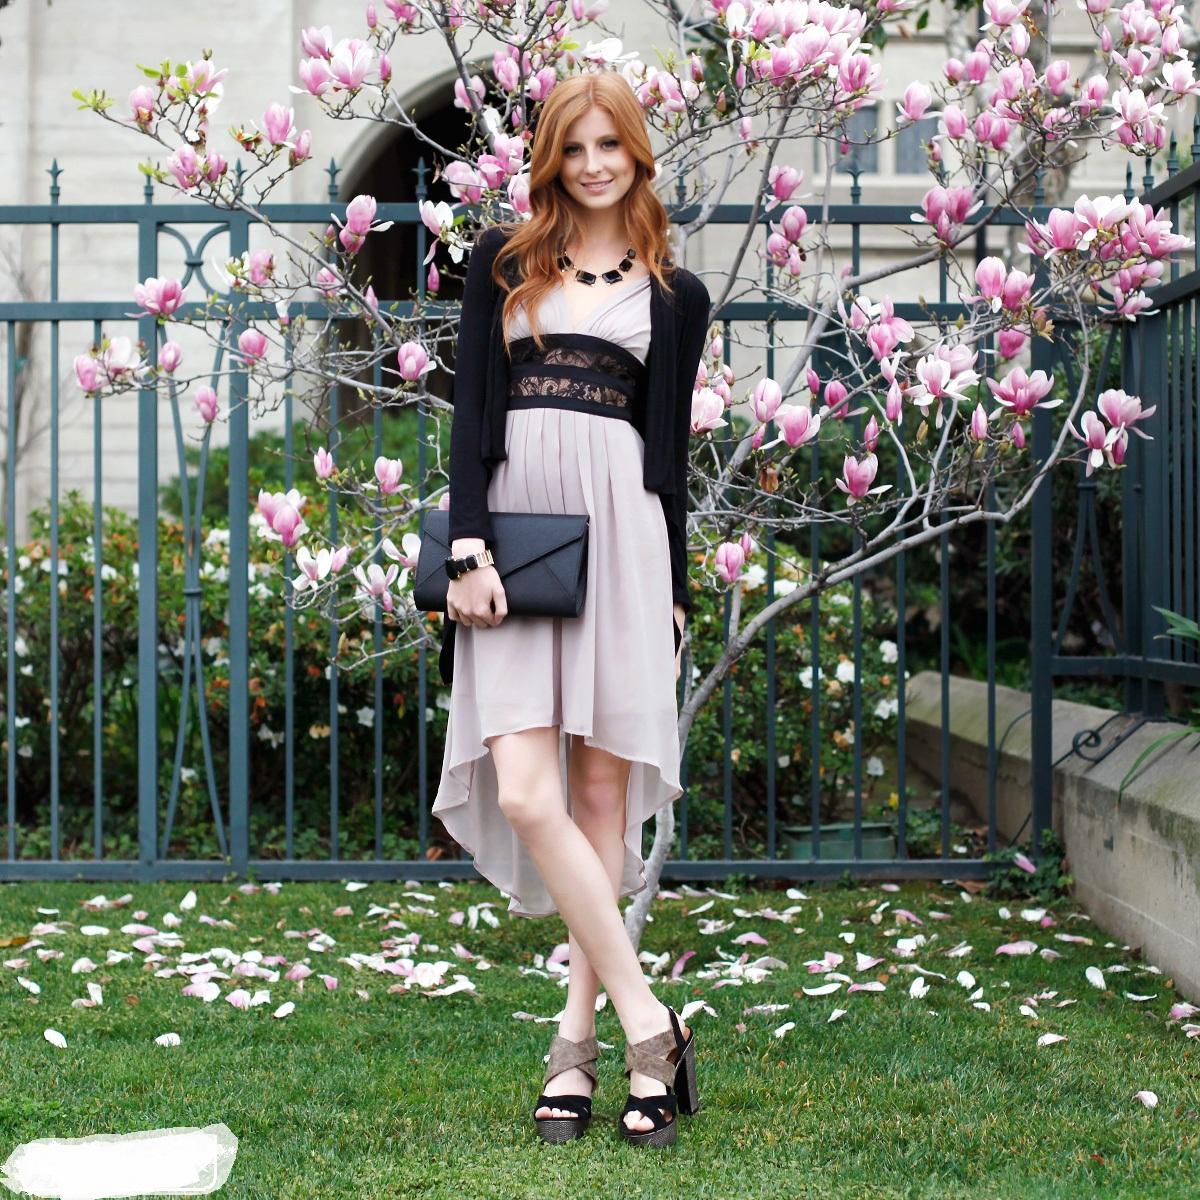 مواضيع ذات صلةفساتين جديدة لإطلالة أكثر شياكة وجمالفساتين السهرات